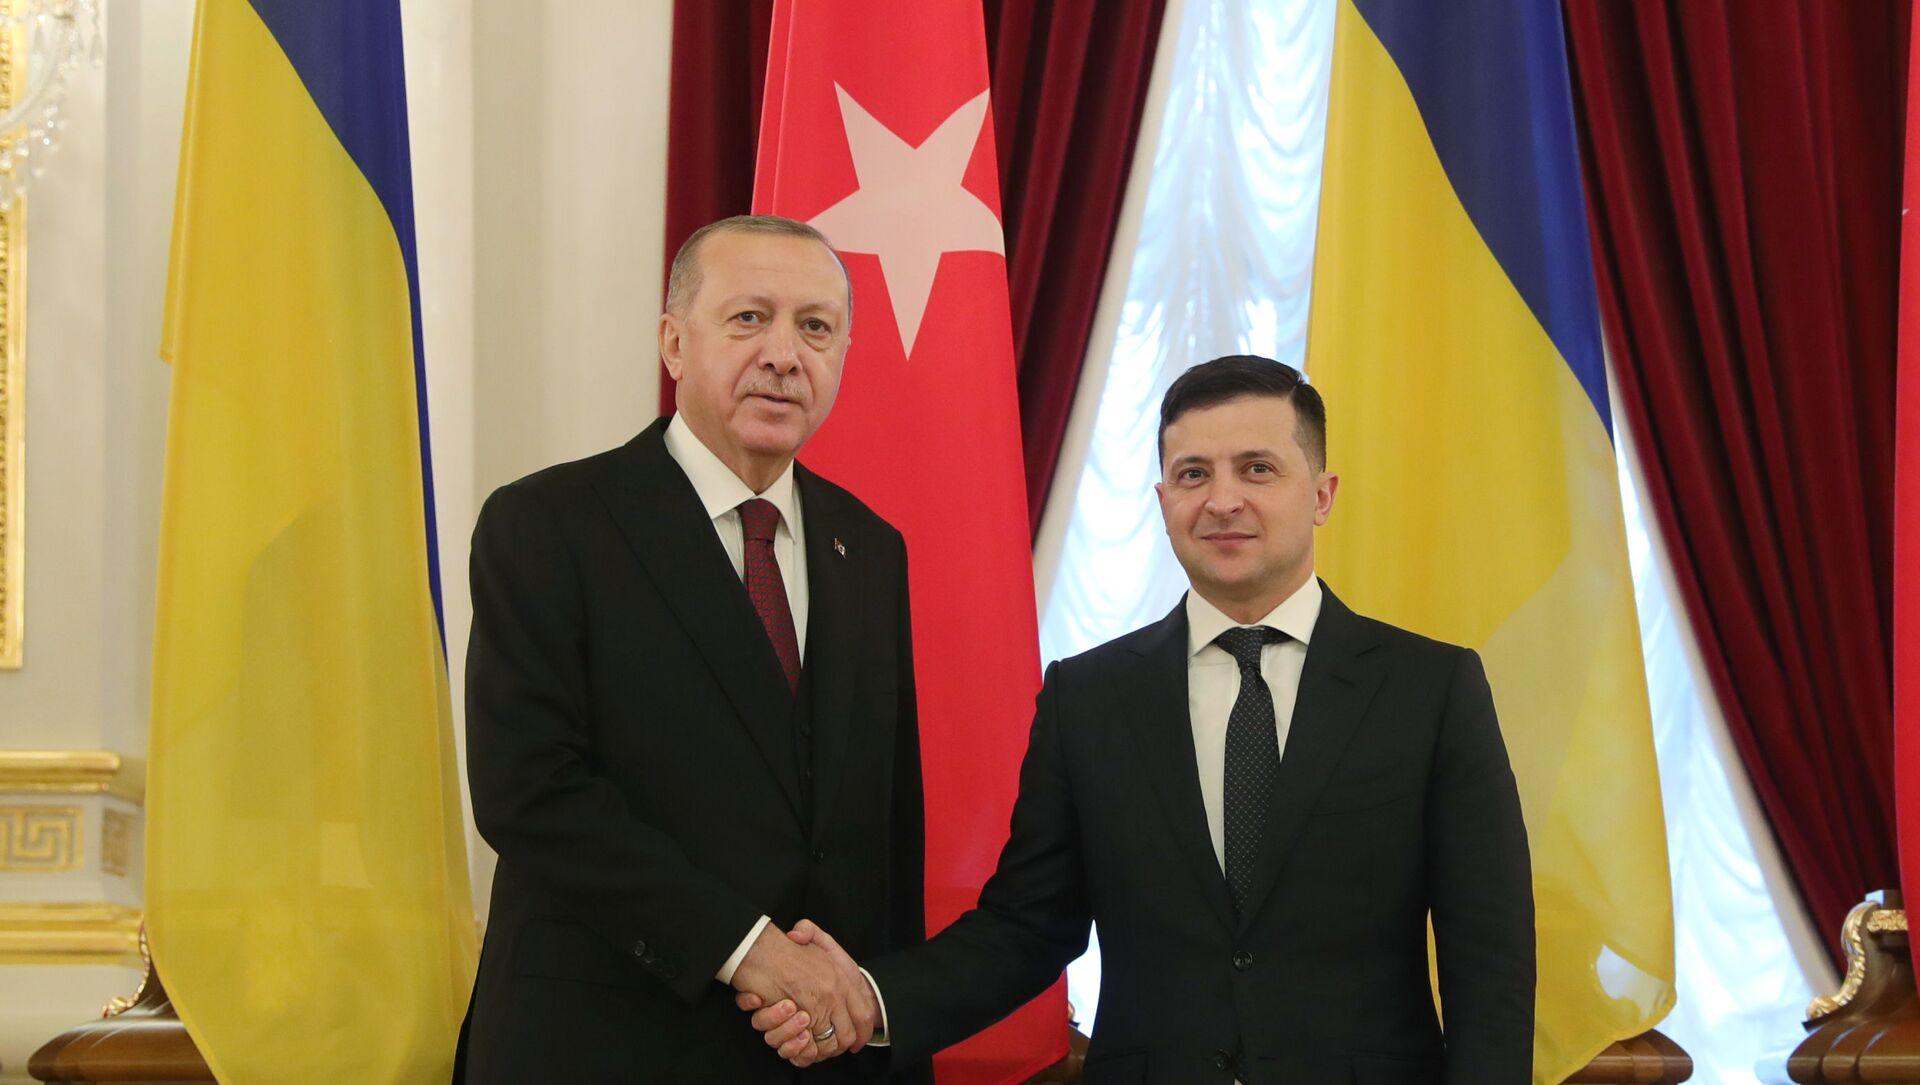 Cumhurbaşkanı Recep Tayyip Erdoğan ve Ukrayna Devlet Başkanı Zelenskiy ortak basın açıklaması düzenledi - Sputnik Türkiye, 1920, 10.04.2021